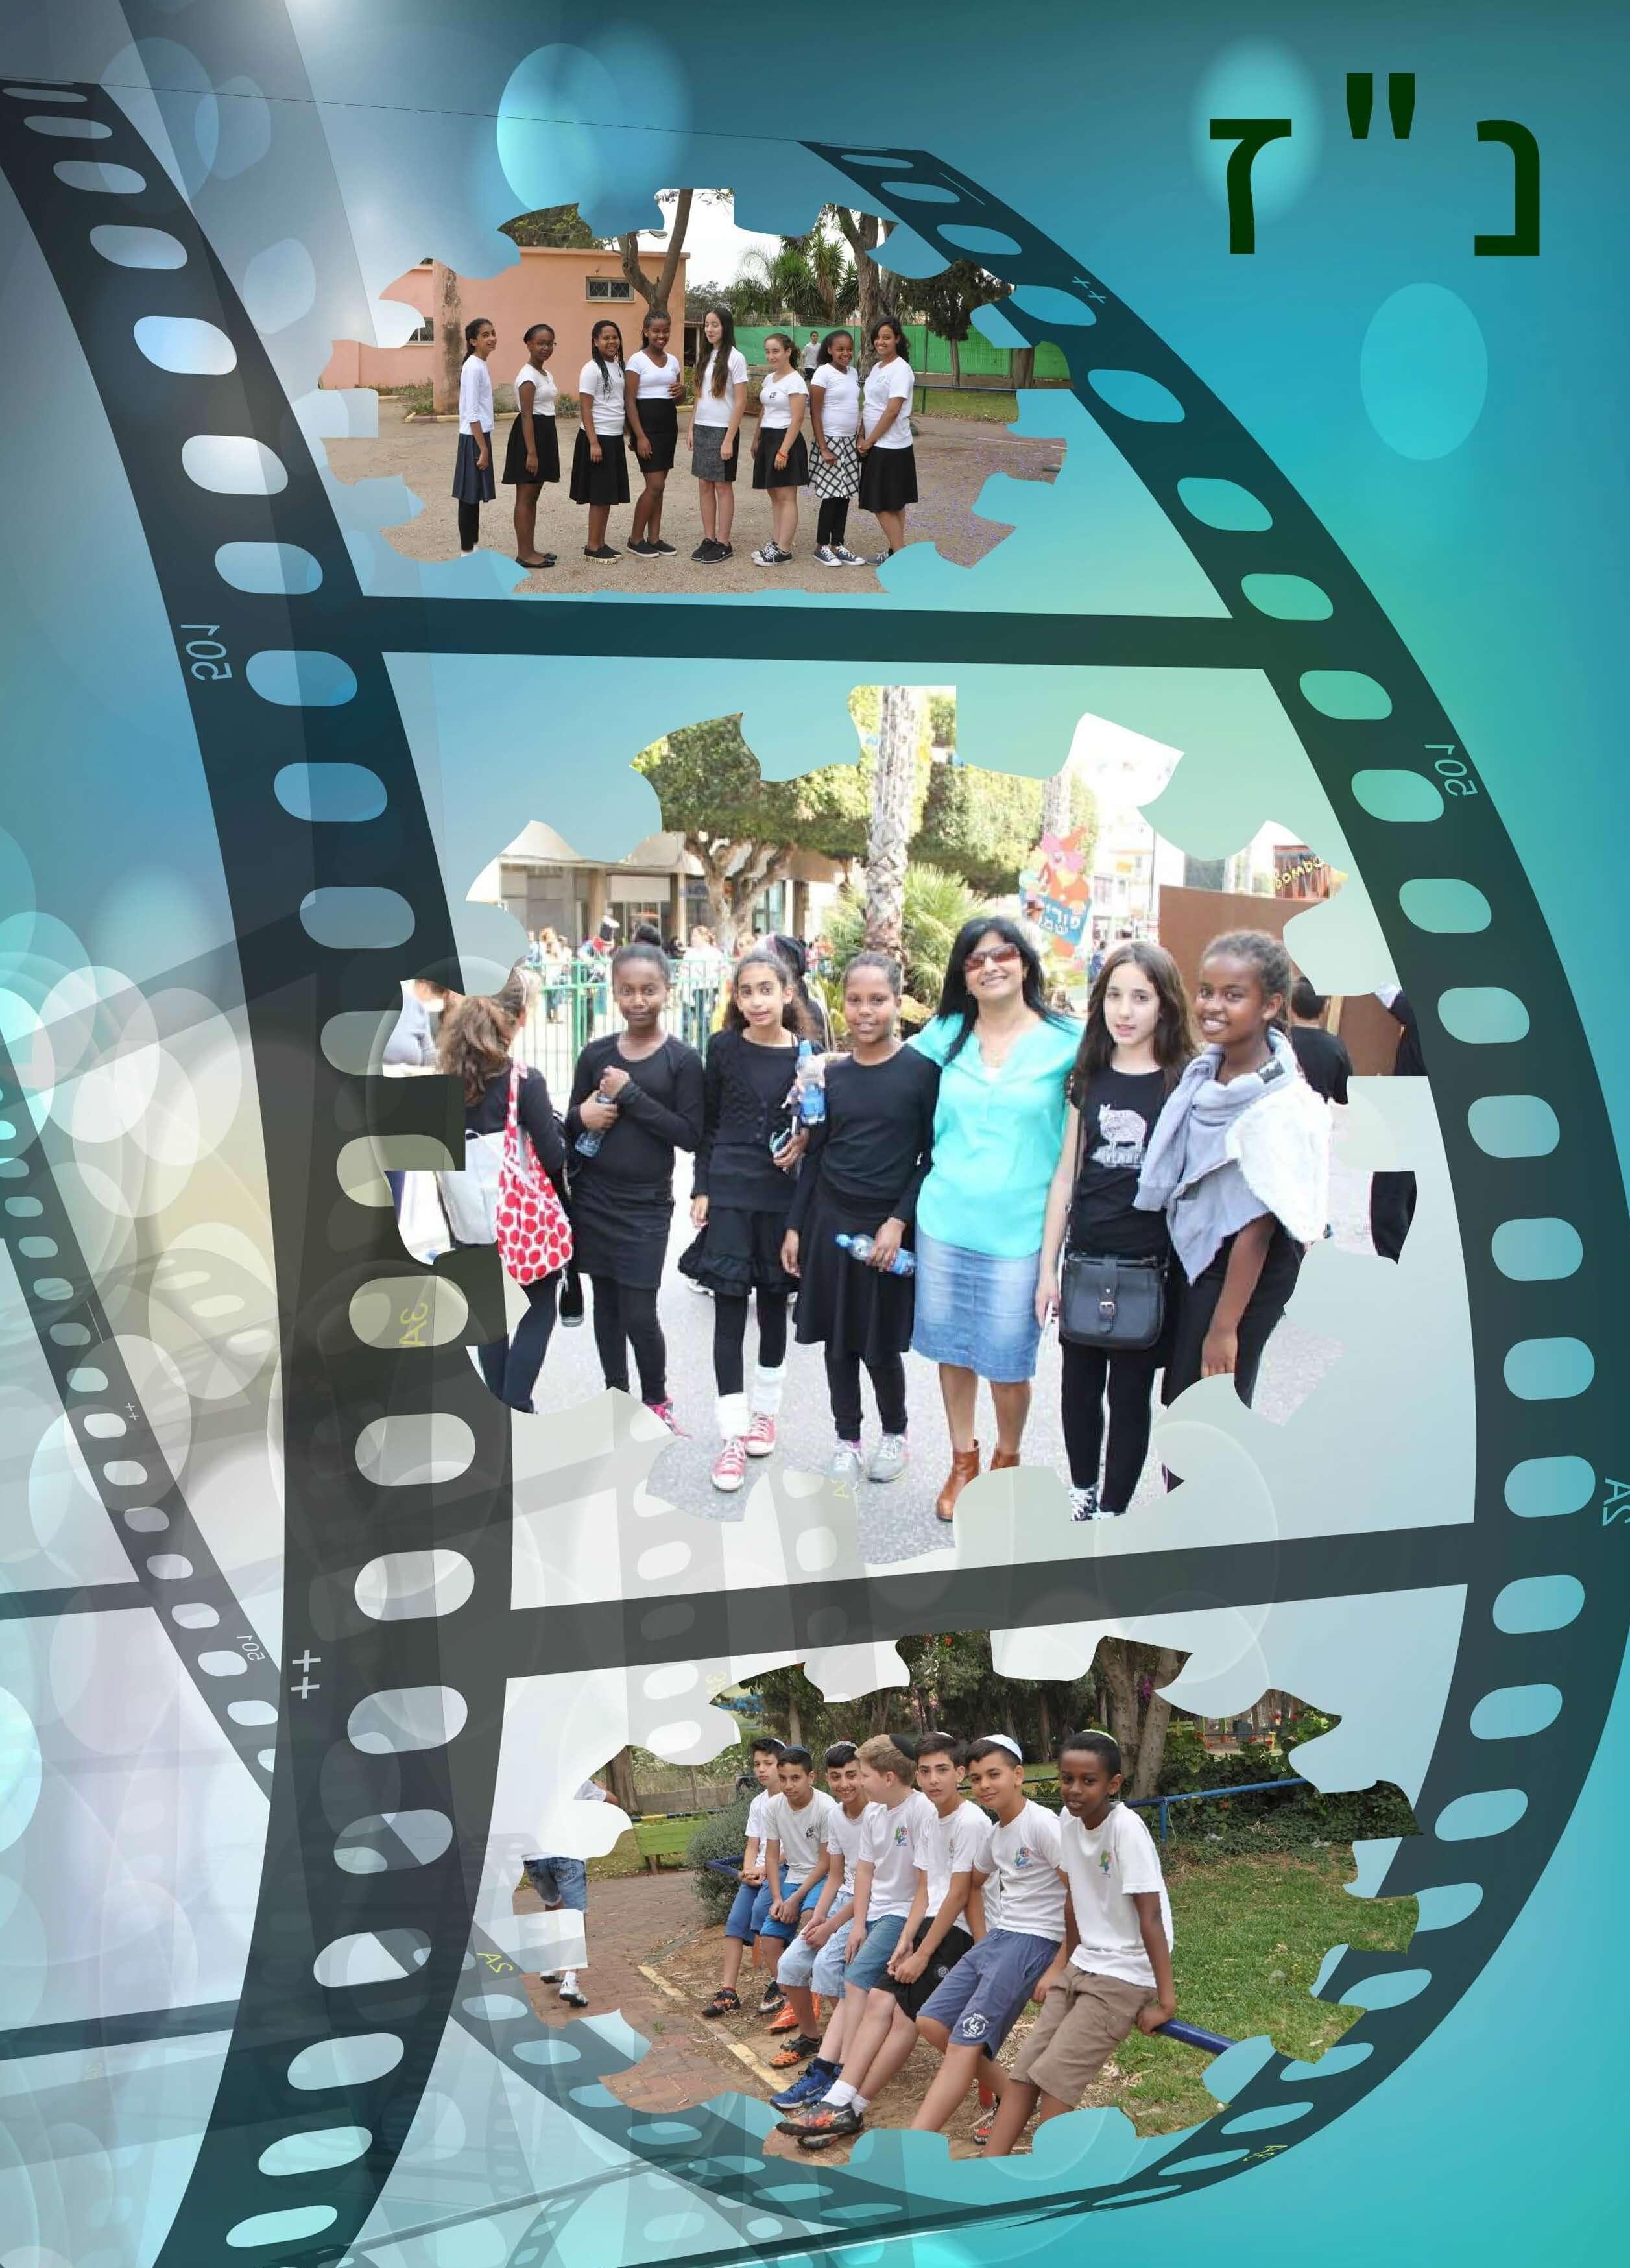 עמוד תמונות קבוצתיות כיתות ו